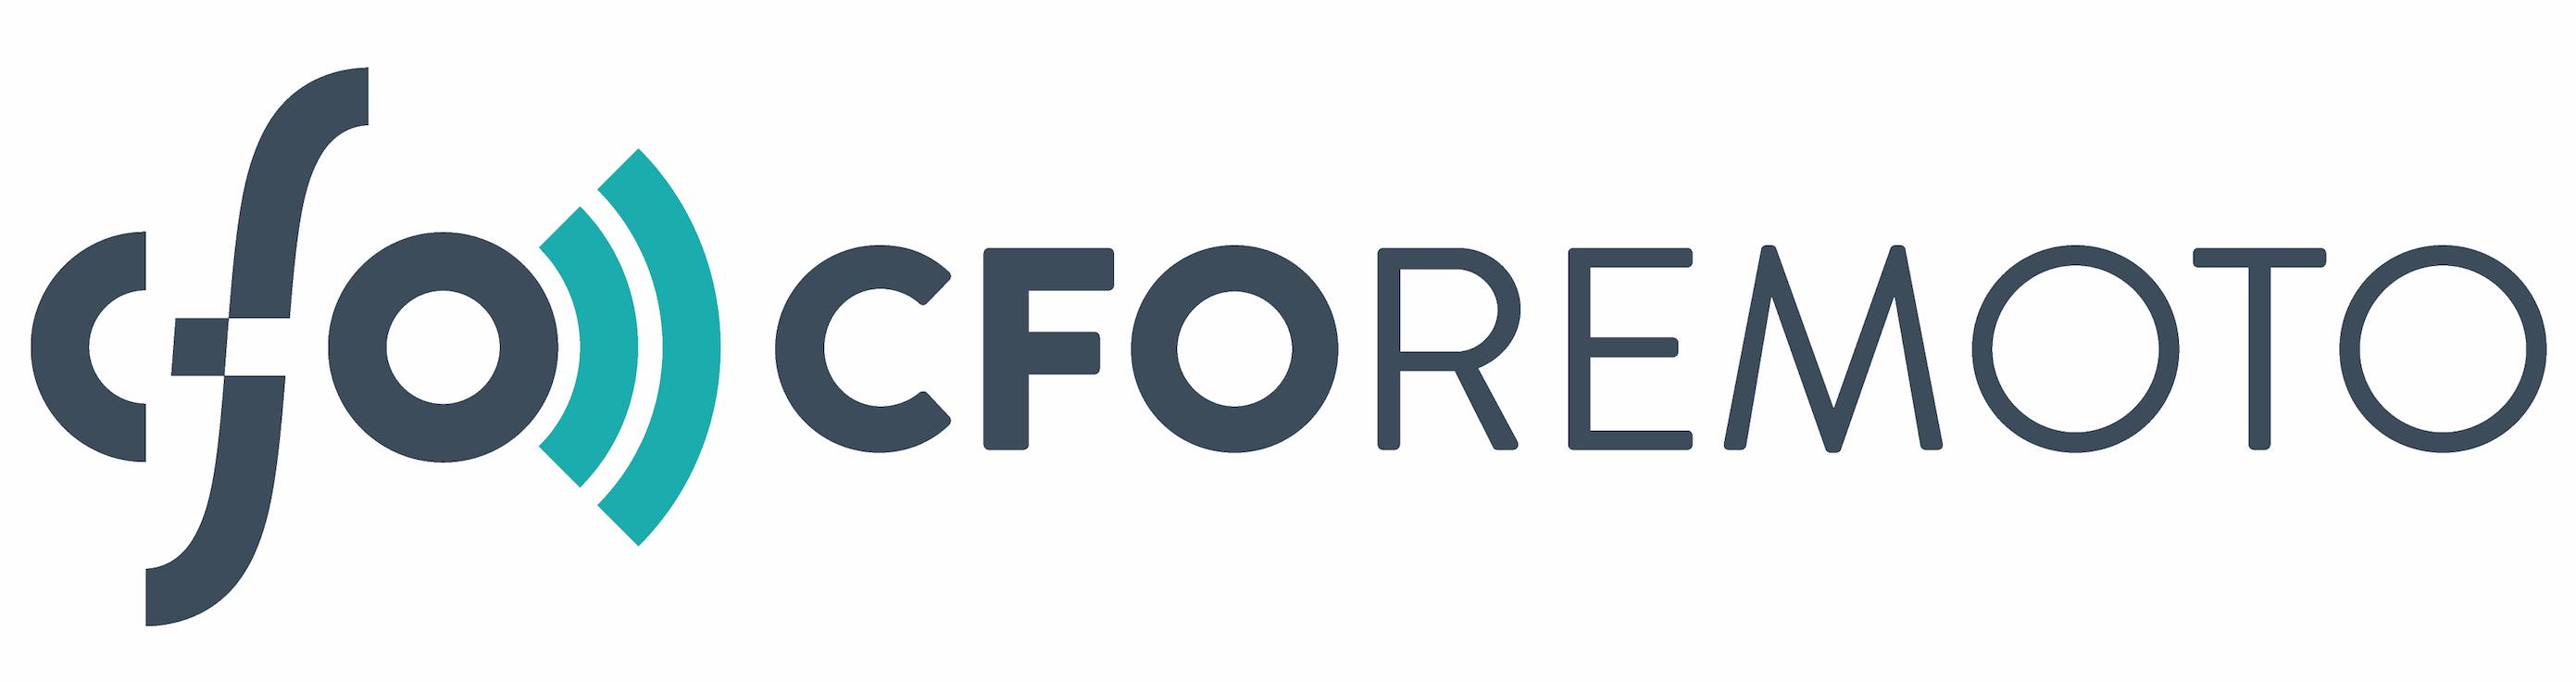 Empresas Desafio10x: CFOremoto